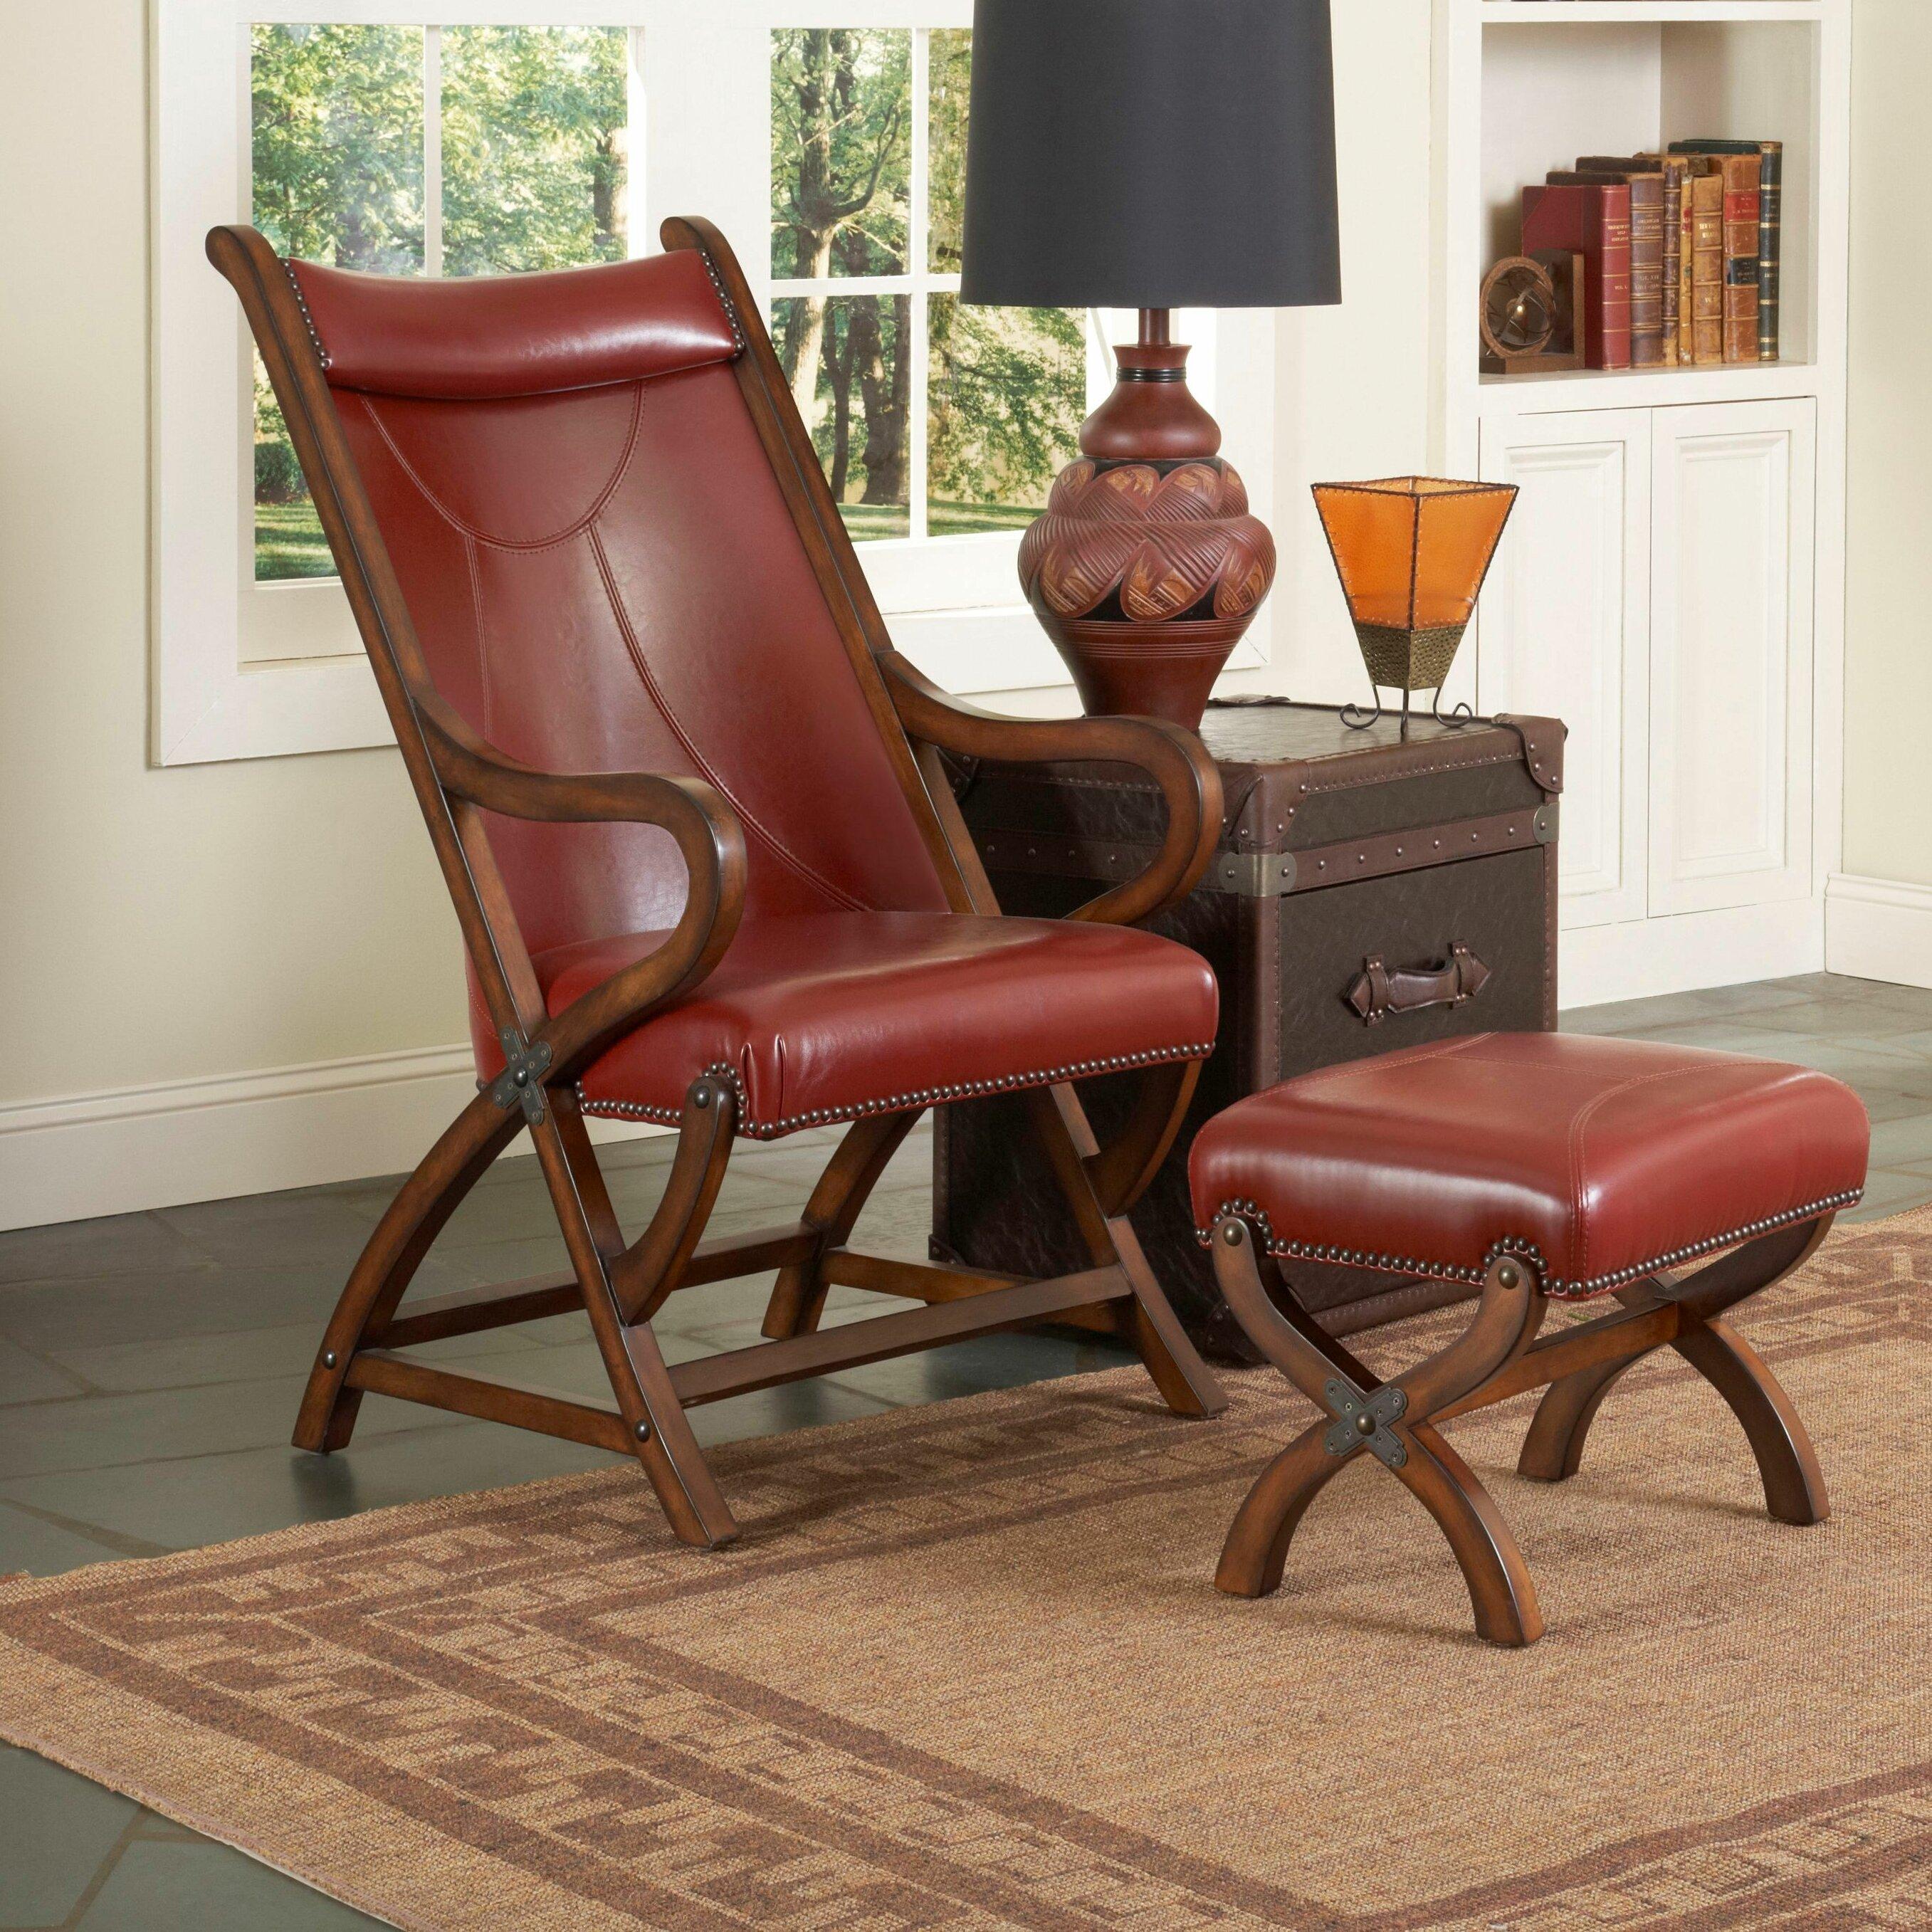 Largo Hunter Chair and Ottoman & Reviews | Wayfair